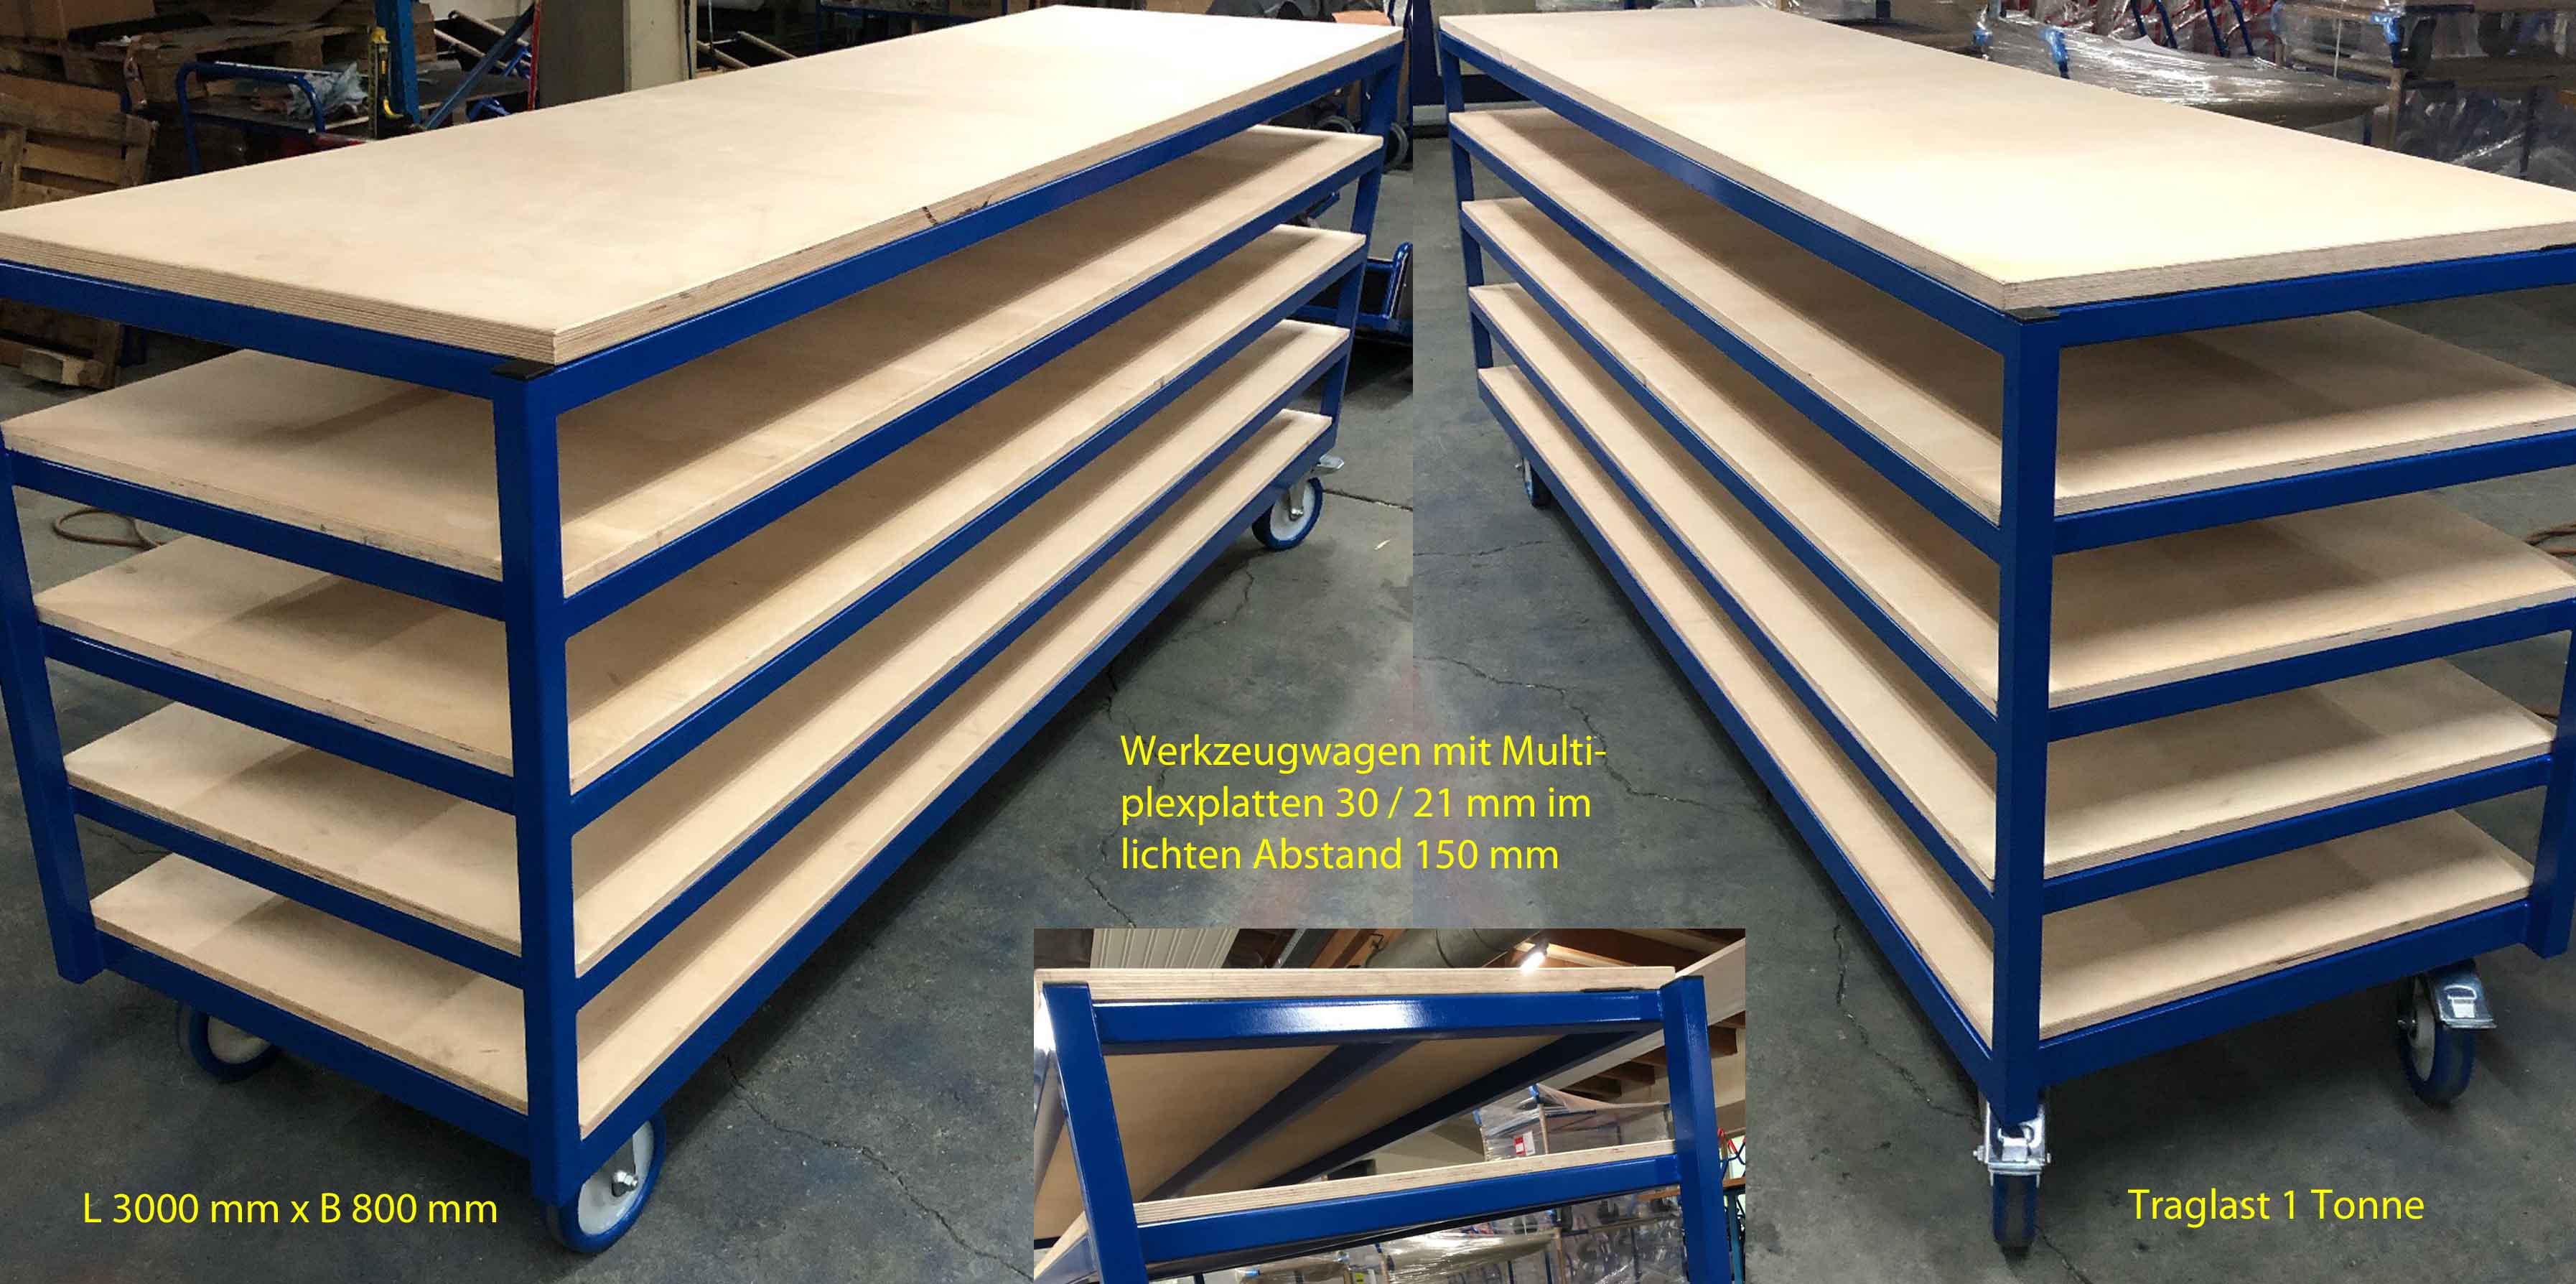 Werkzeugwagen 1 Tonne Nutzlast, 3 Meter lang, 80 cm breit, glatte Multiplexböden, Polyurethanräder (Kunststofffelge, Kugellager)